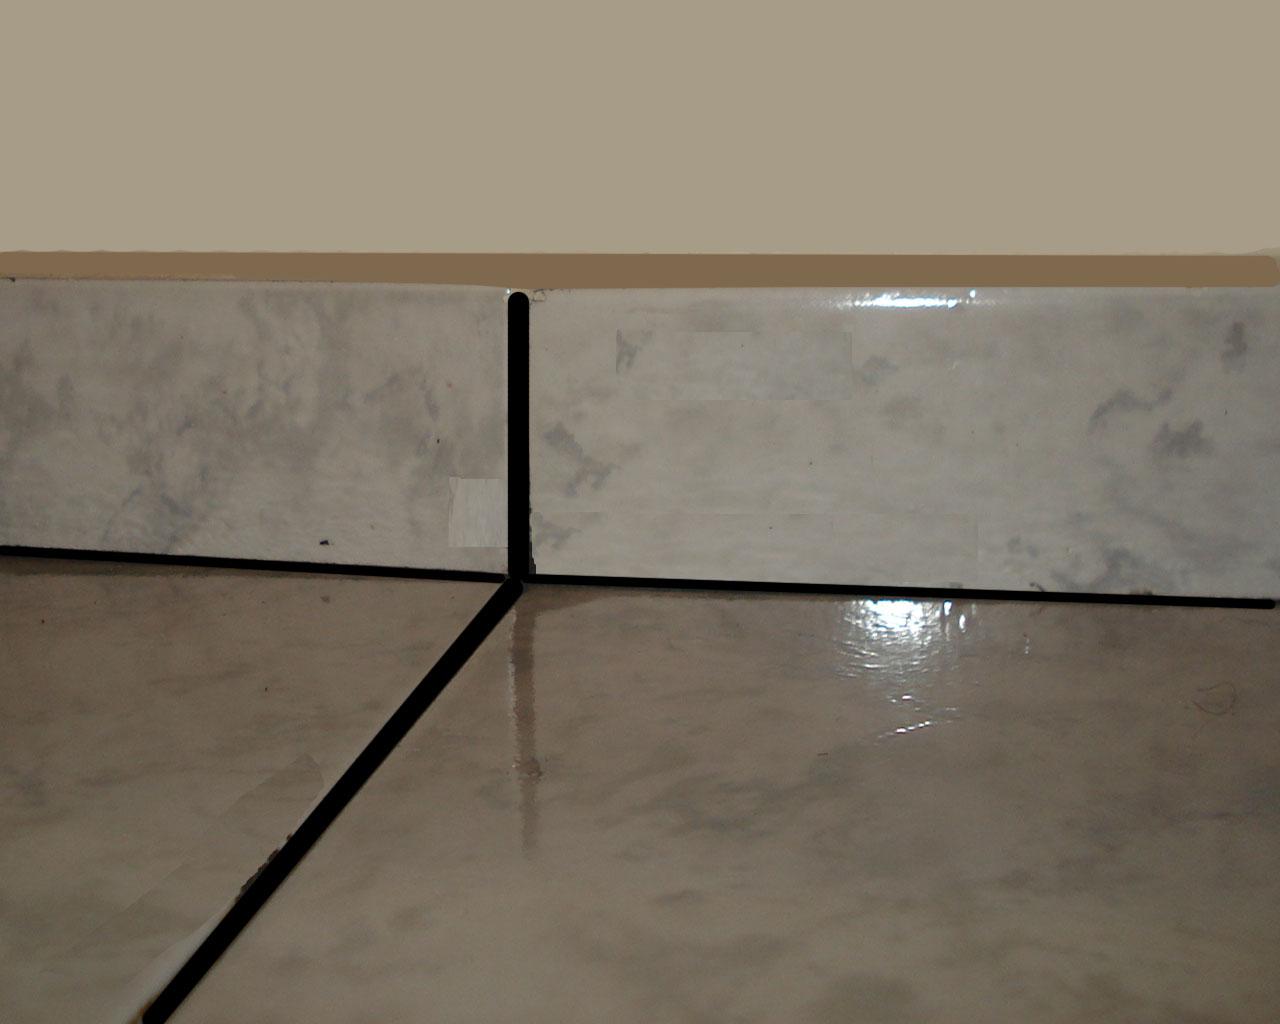 se usar rodapés altos com 20 ou 30 cm de mdf ou madeira nobre #4A6673 1280x1024